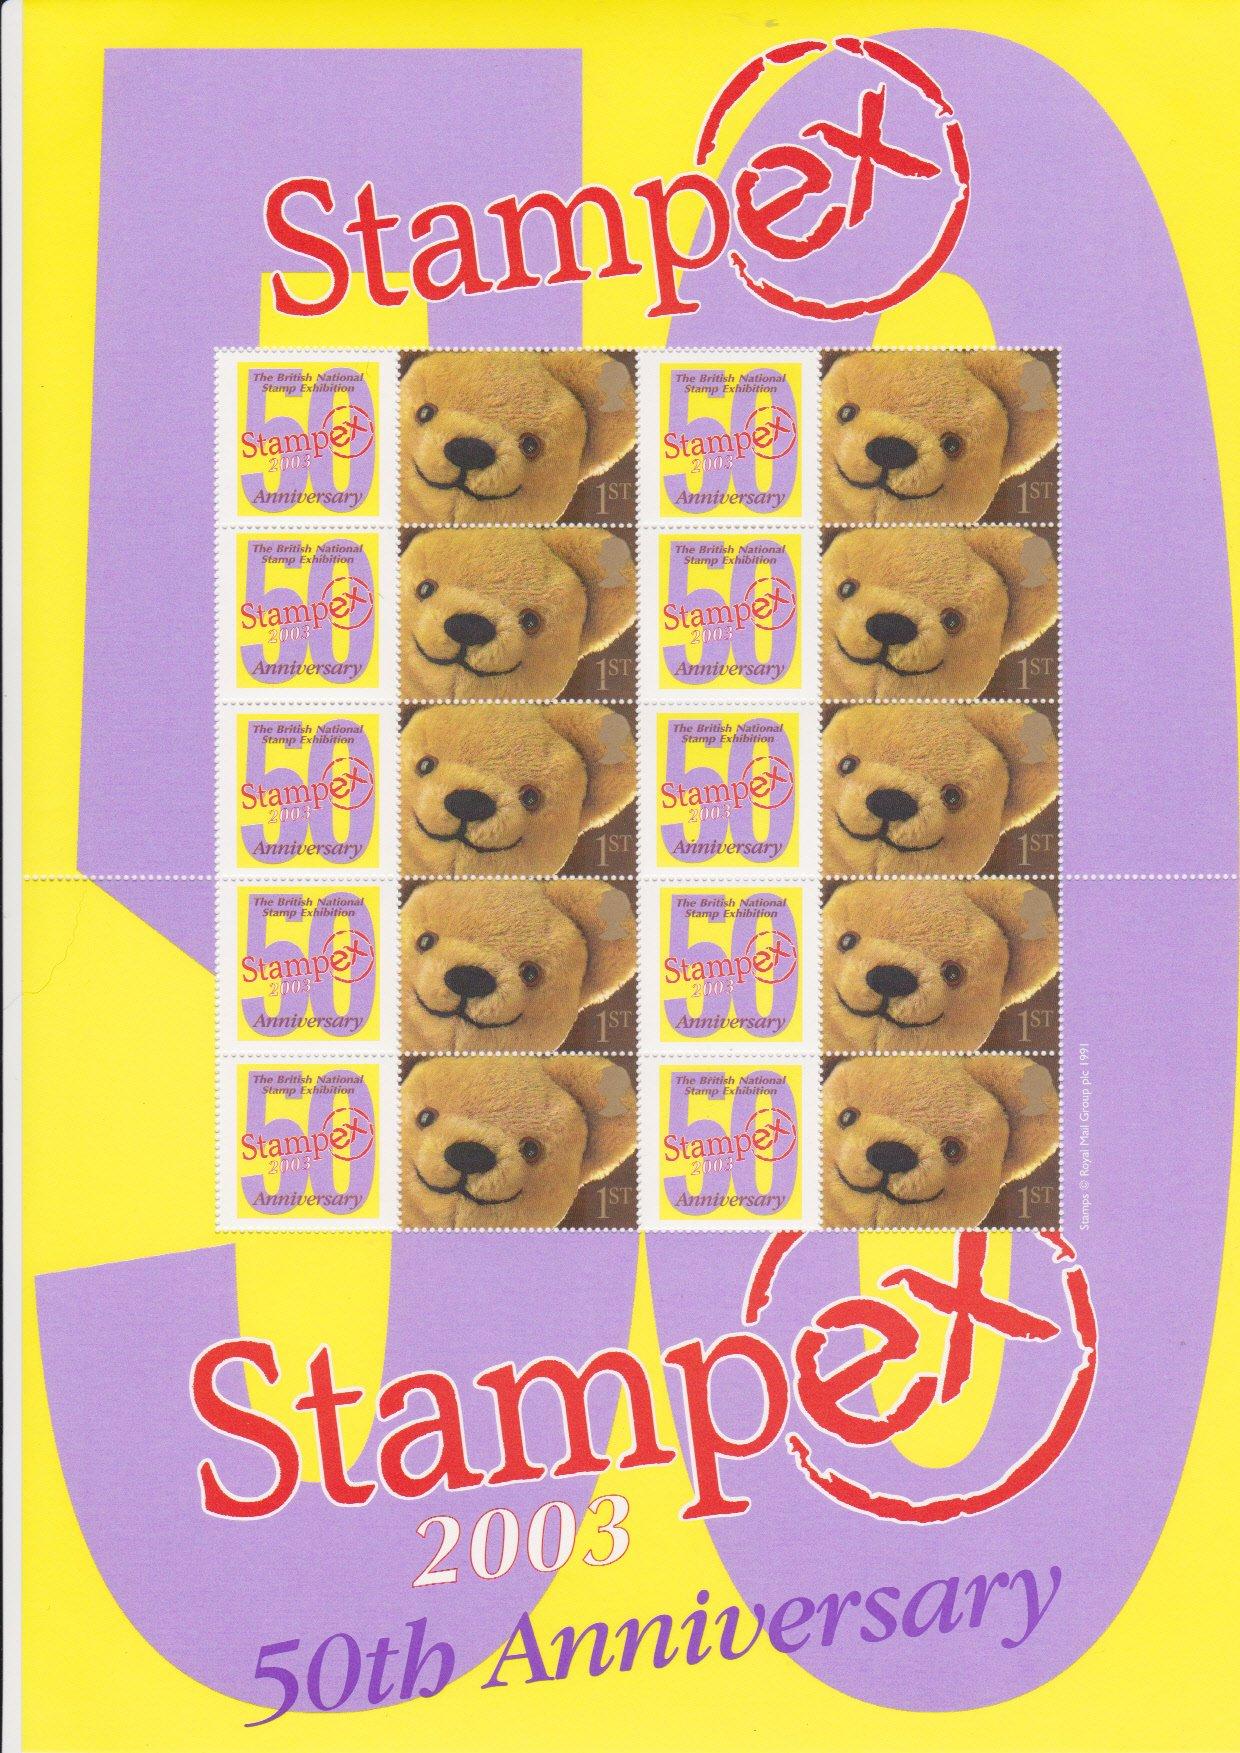 Smilers Sheet BC-011 Stampex 2003